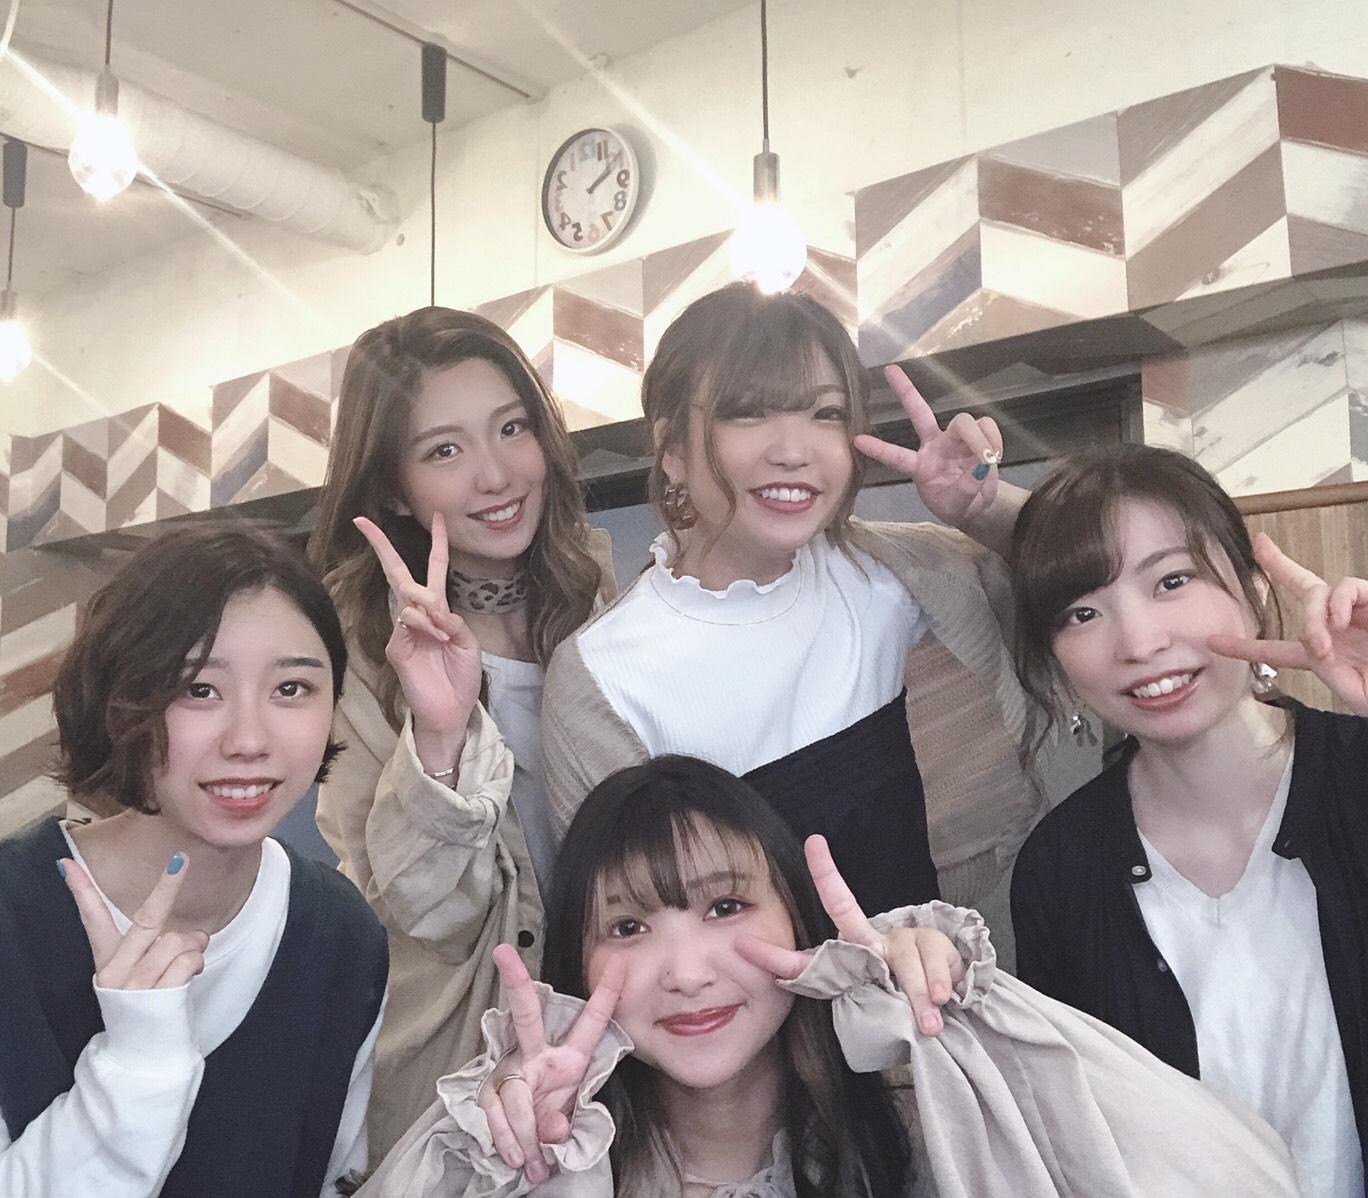 浅草橋店集合写真です。